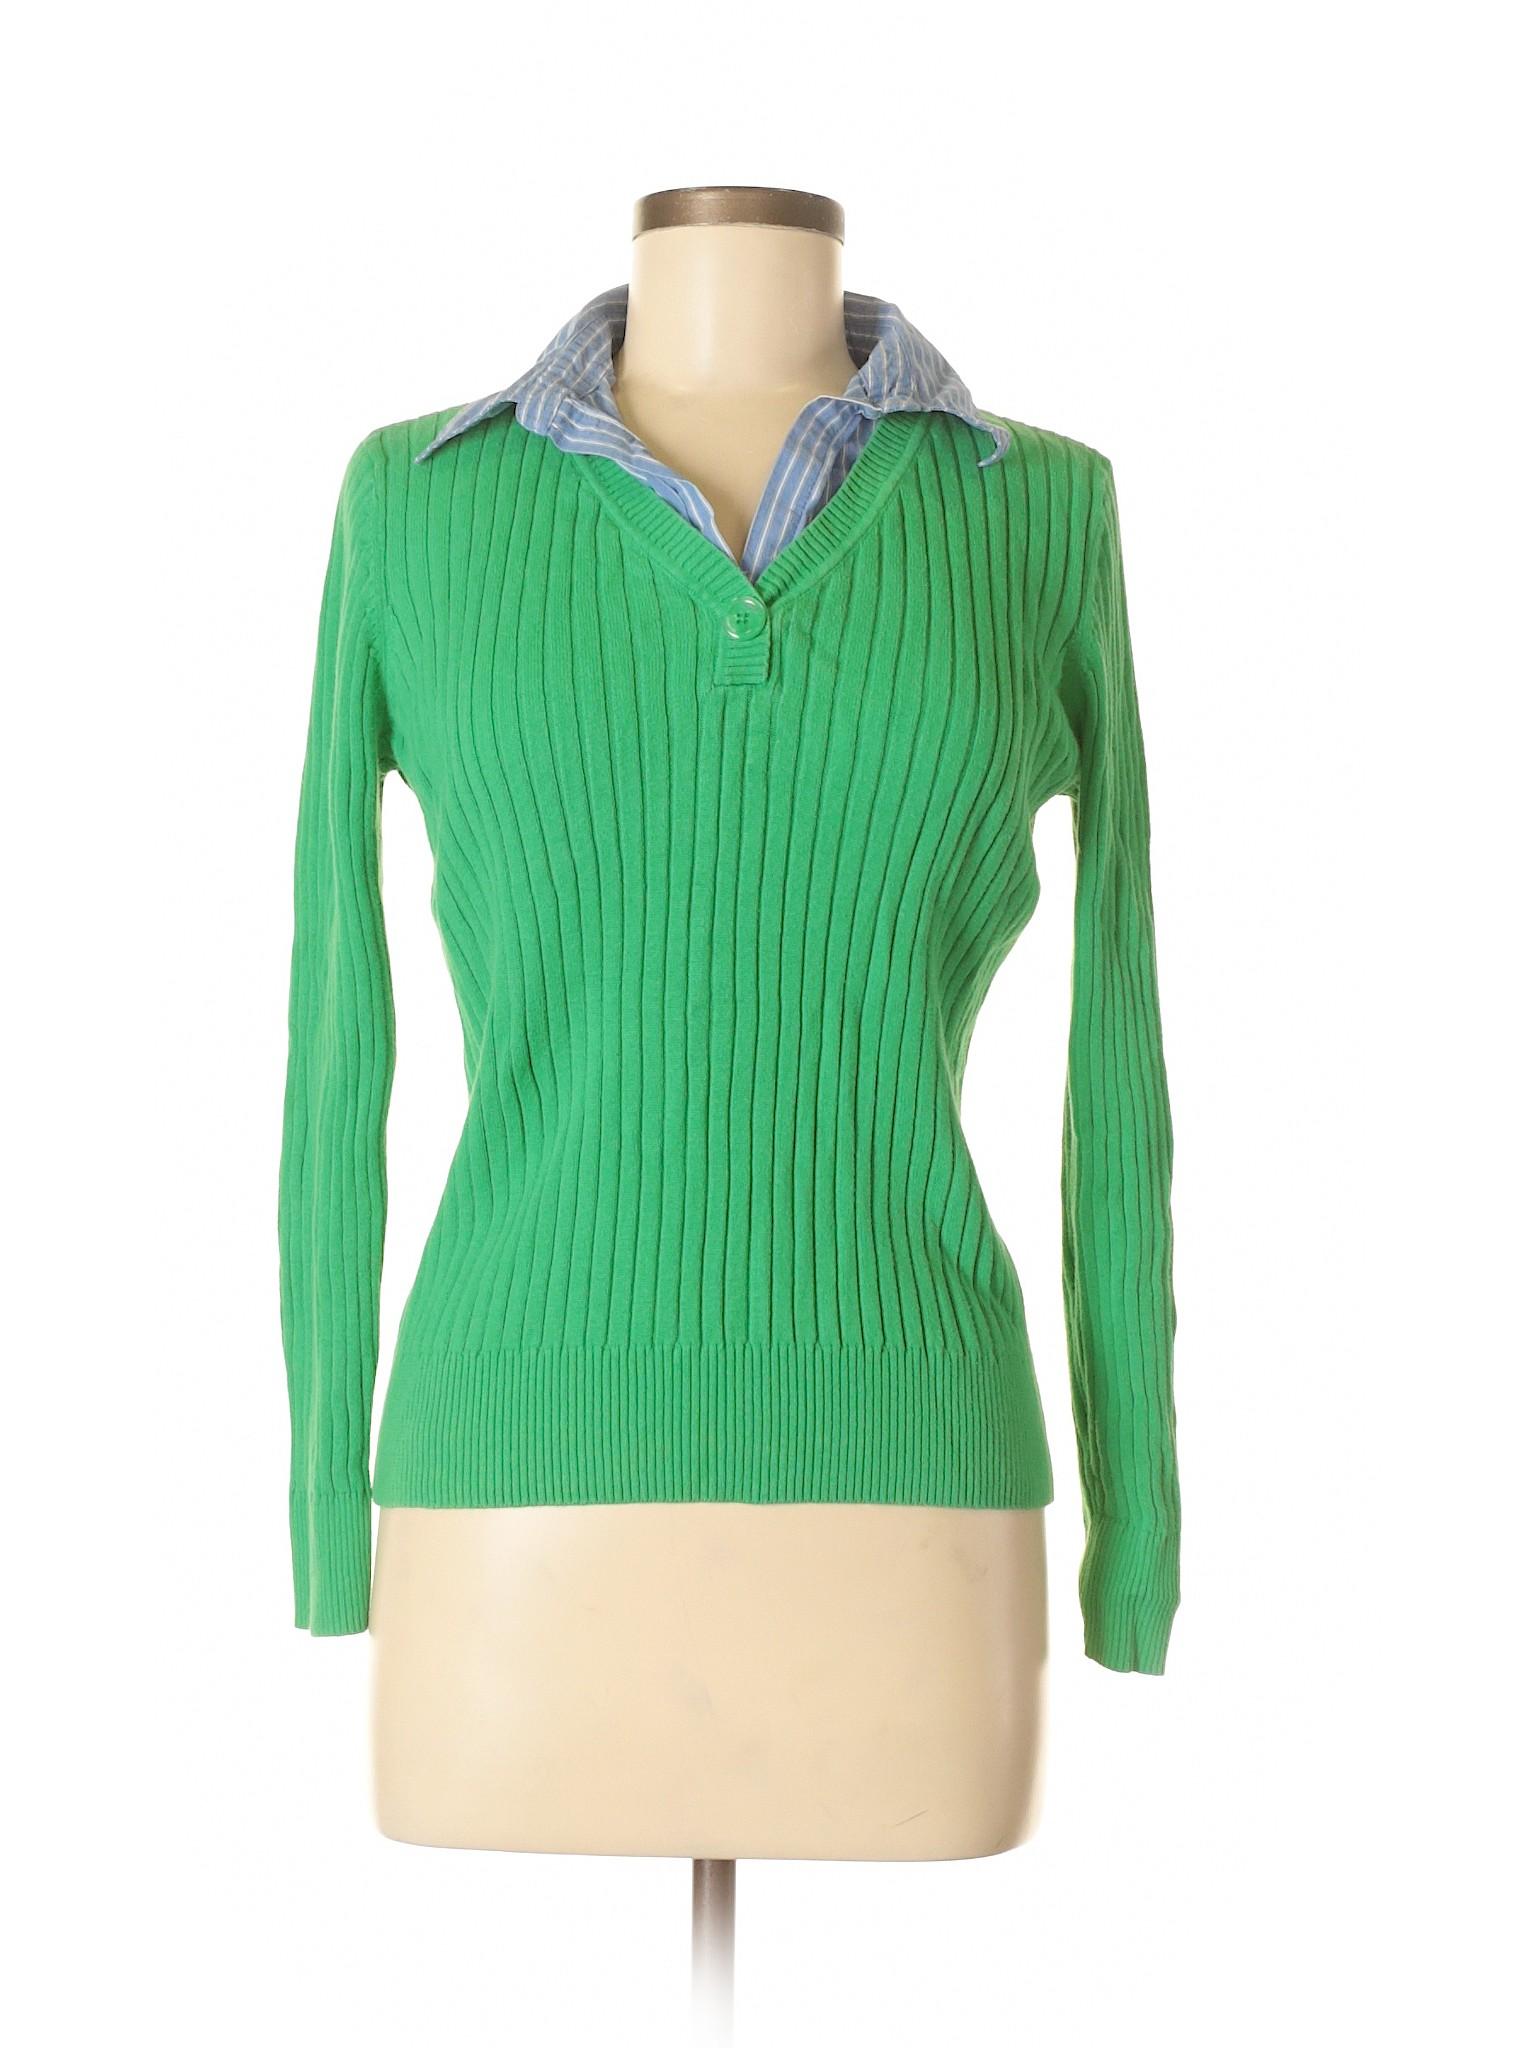 Pullover winter IZOD Boutique winter Sweater Boutique wpqBFB7In